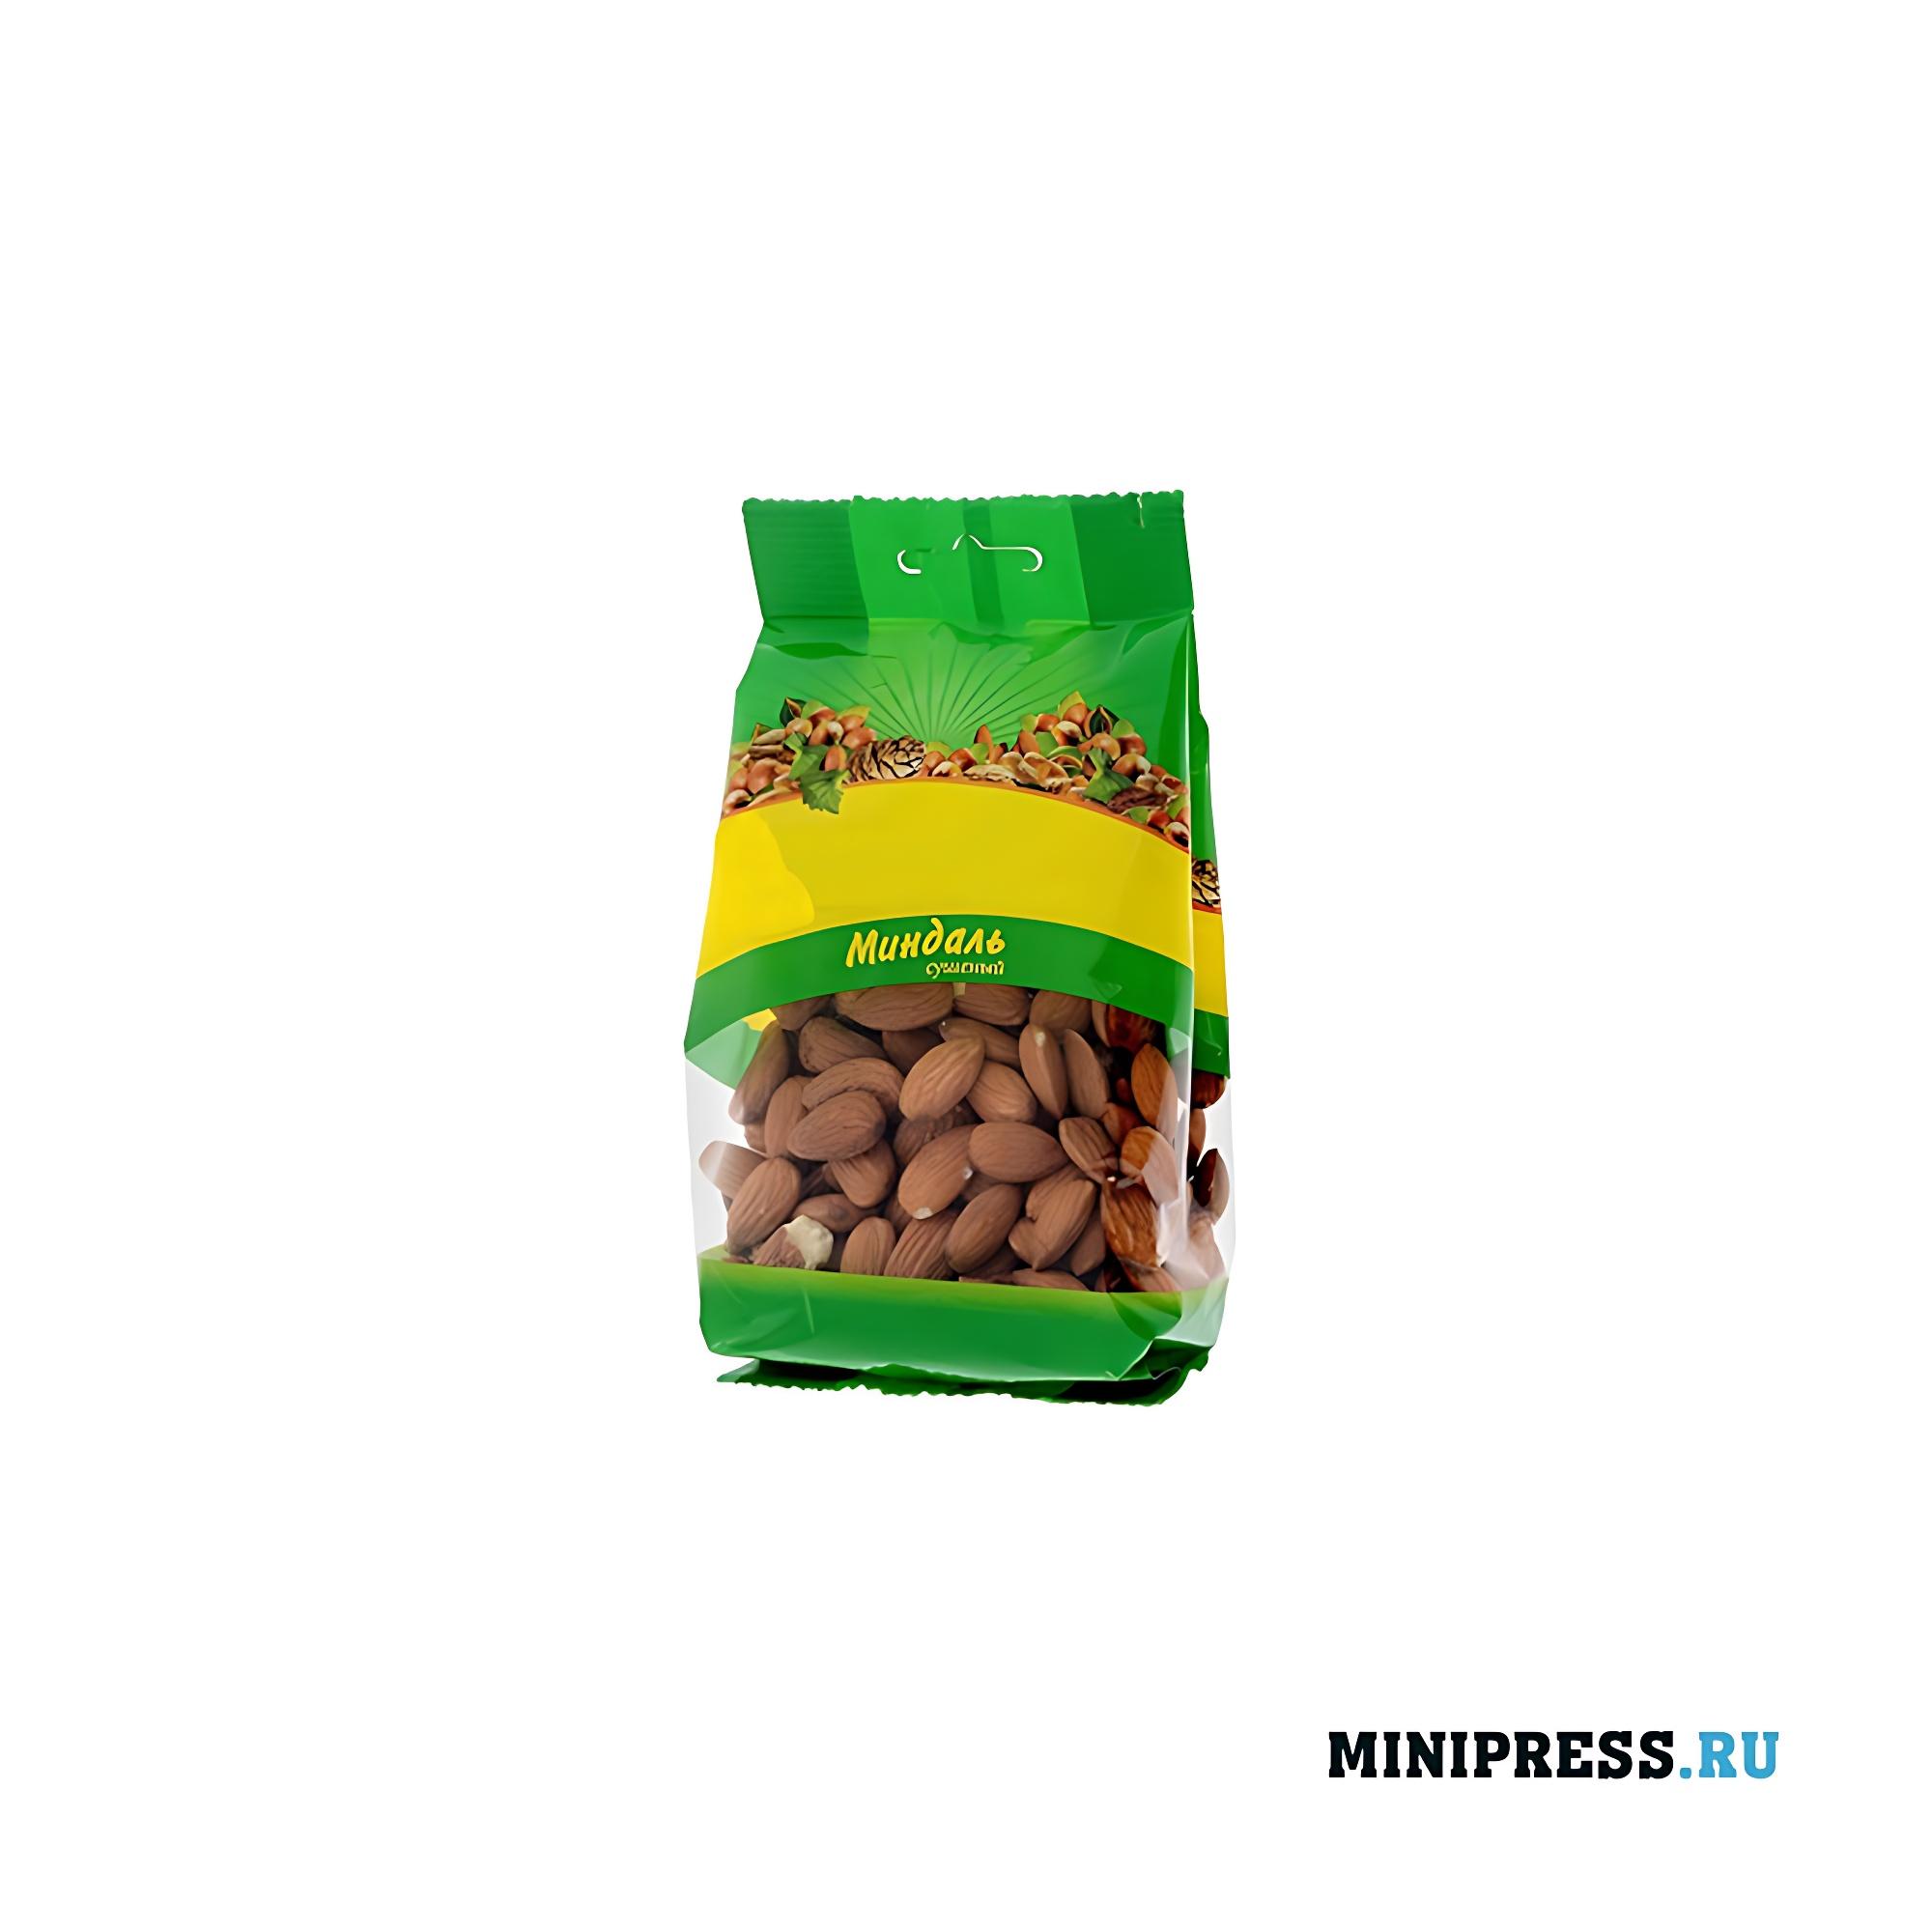 Упакованные продукты питания при помощи фасовочного оборудования